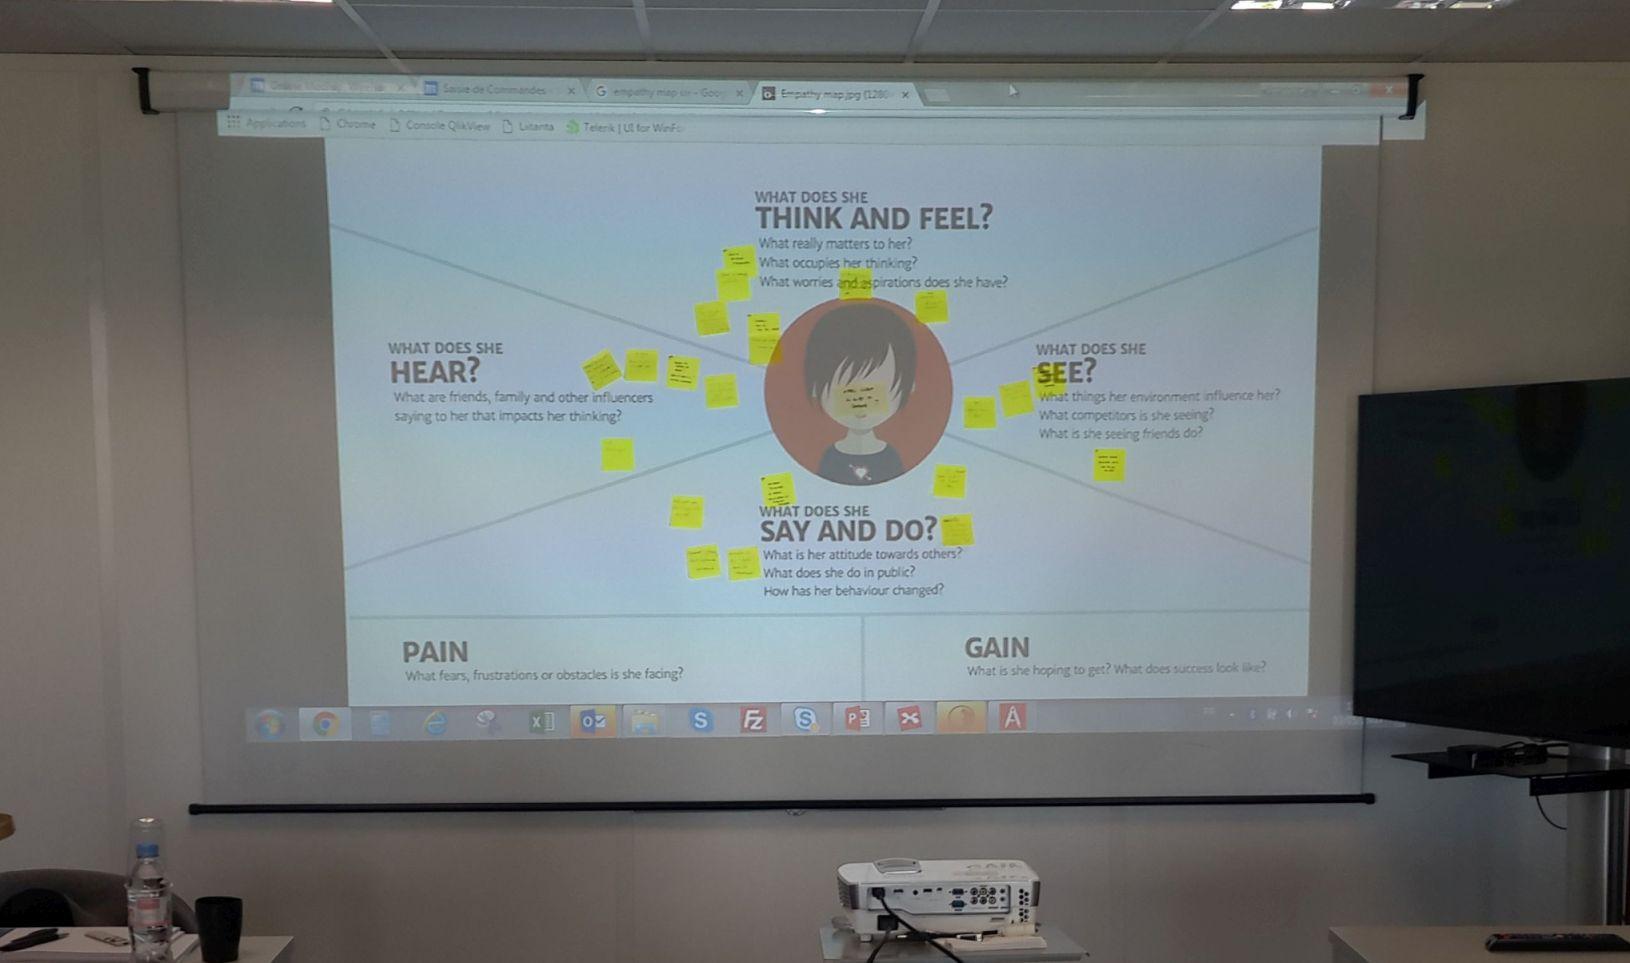 Carte d'empathie projetée à l'écran